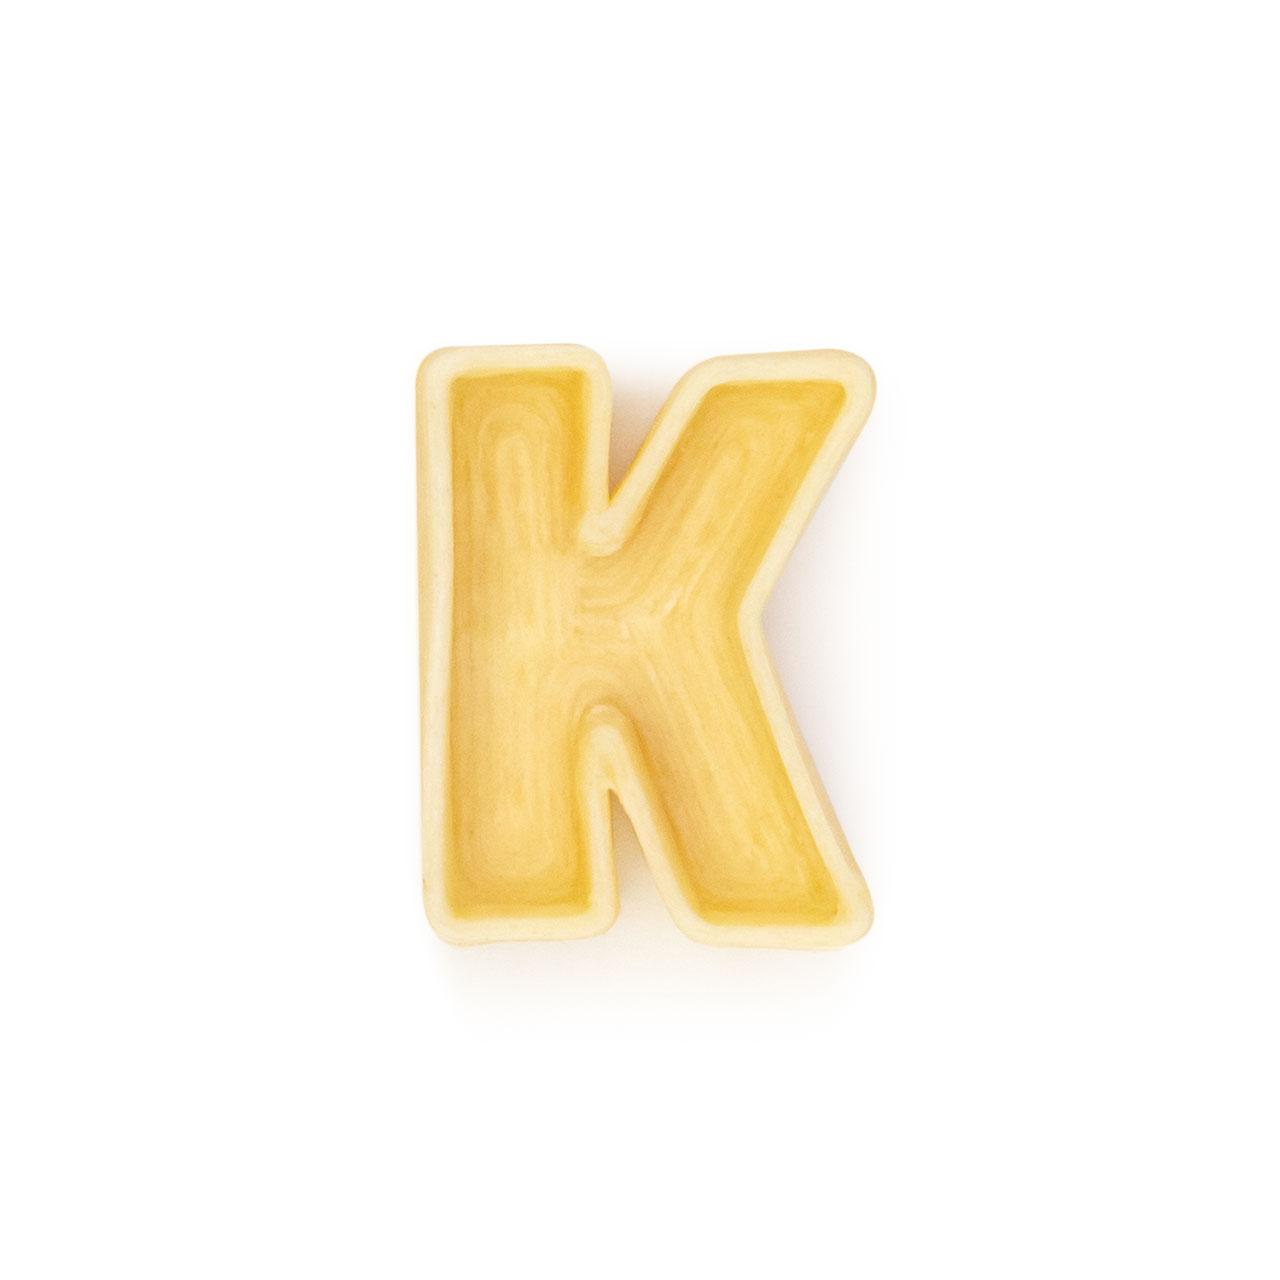 La lettera K di pasta